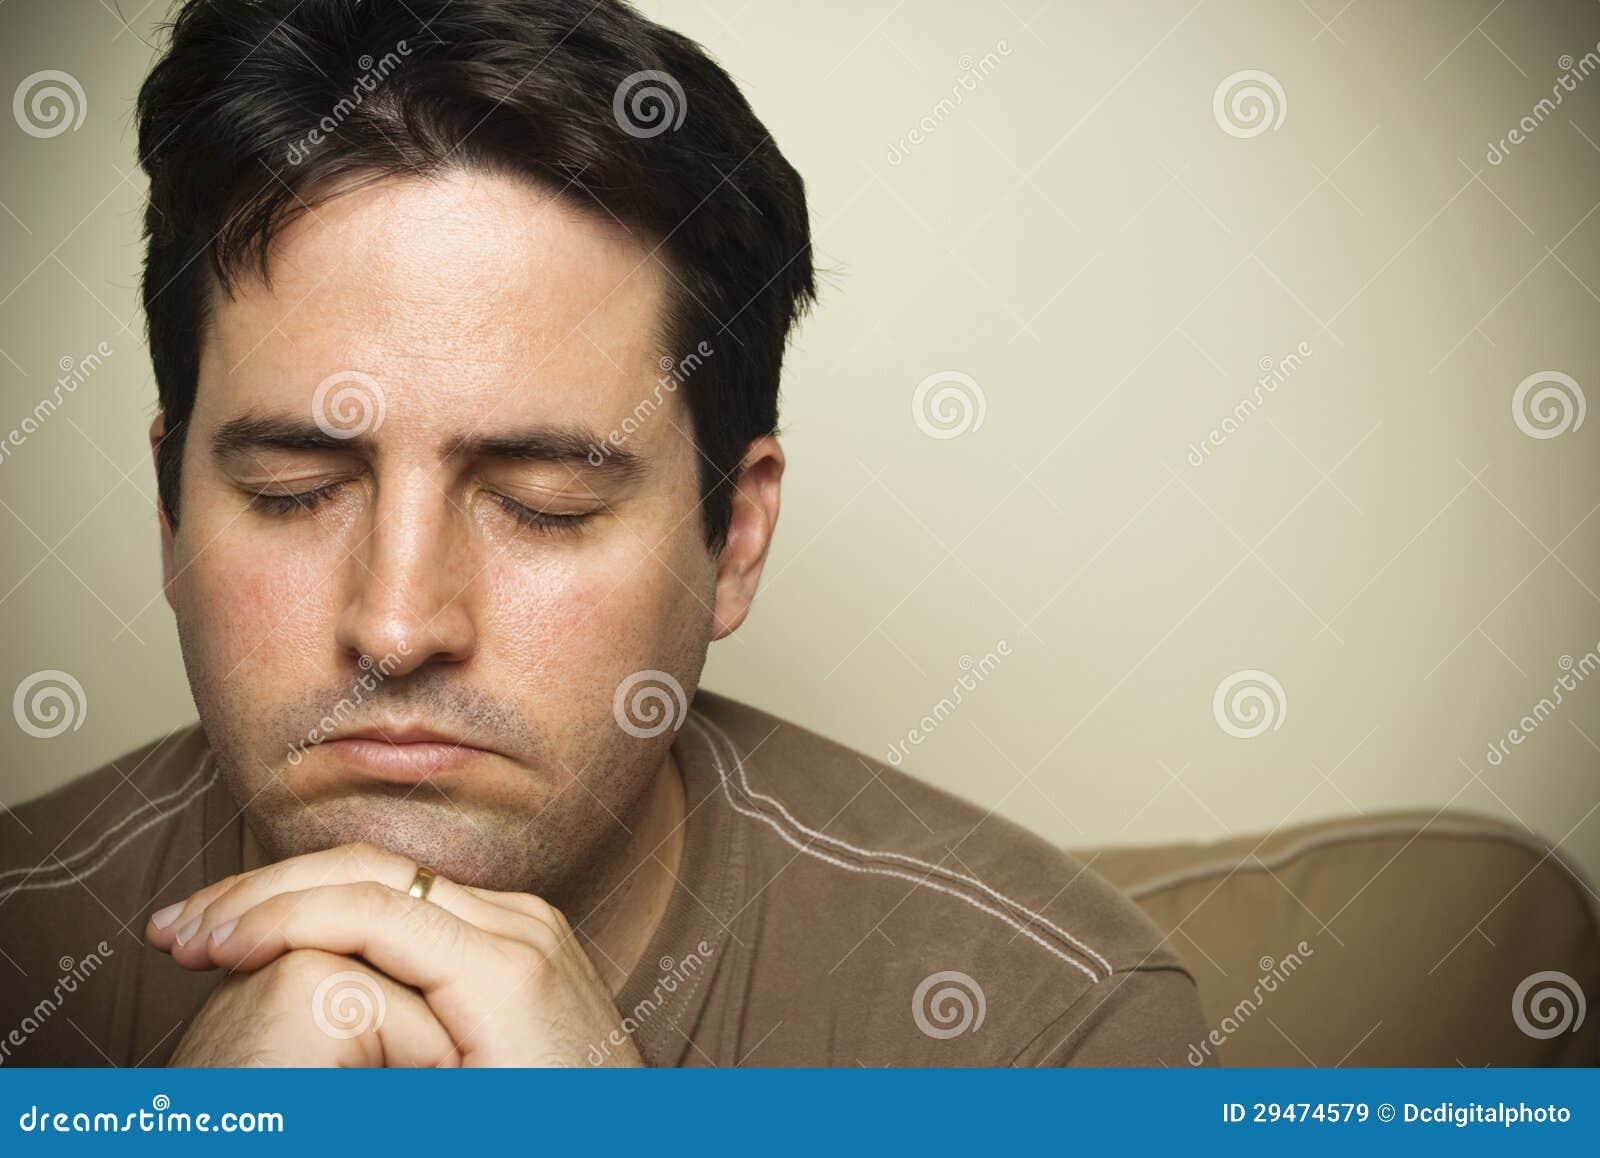 Κλείστε επάνω ενός νεαρού άνδρα στην προσευχή